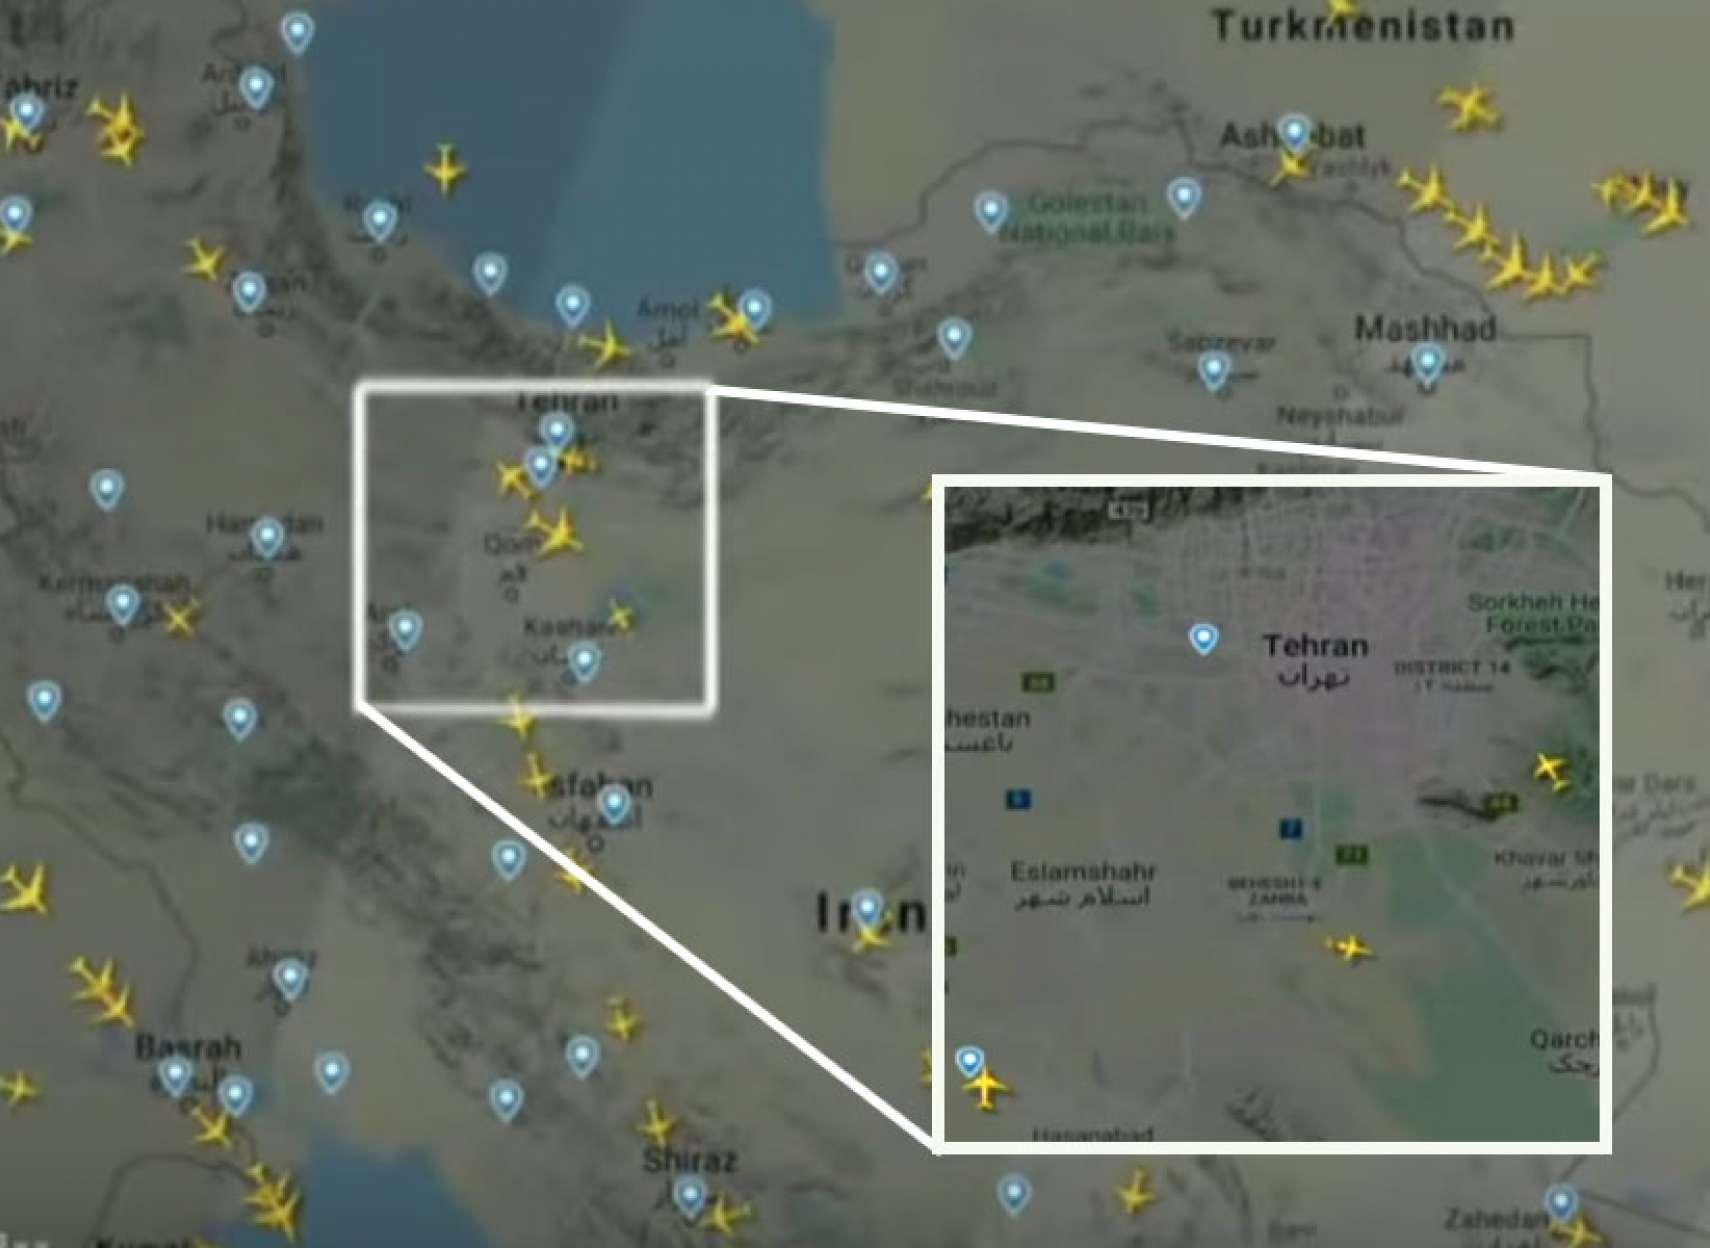 اخبار-ایران-وضعیت-هواپیما-ها